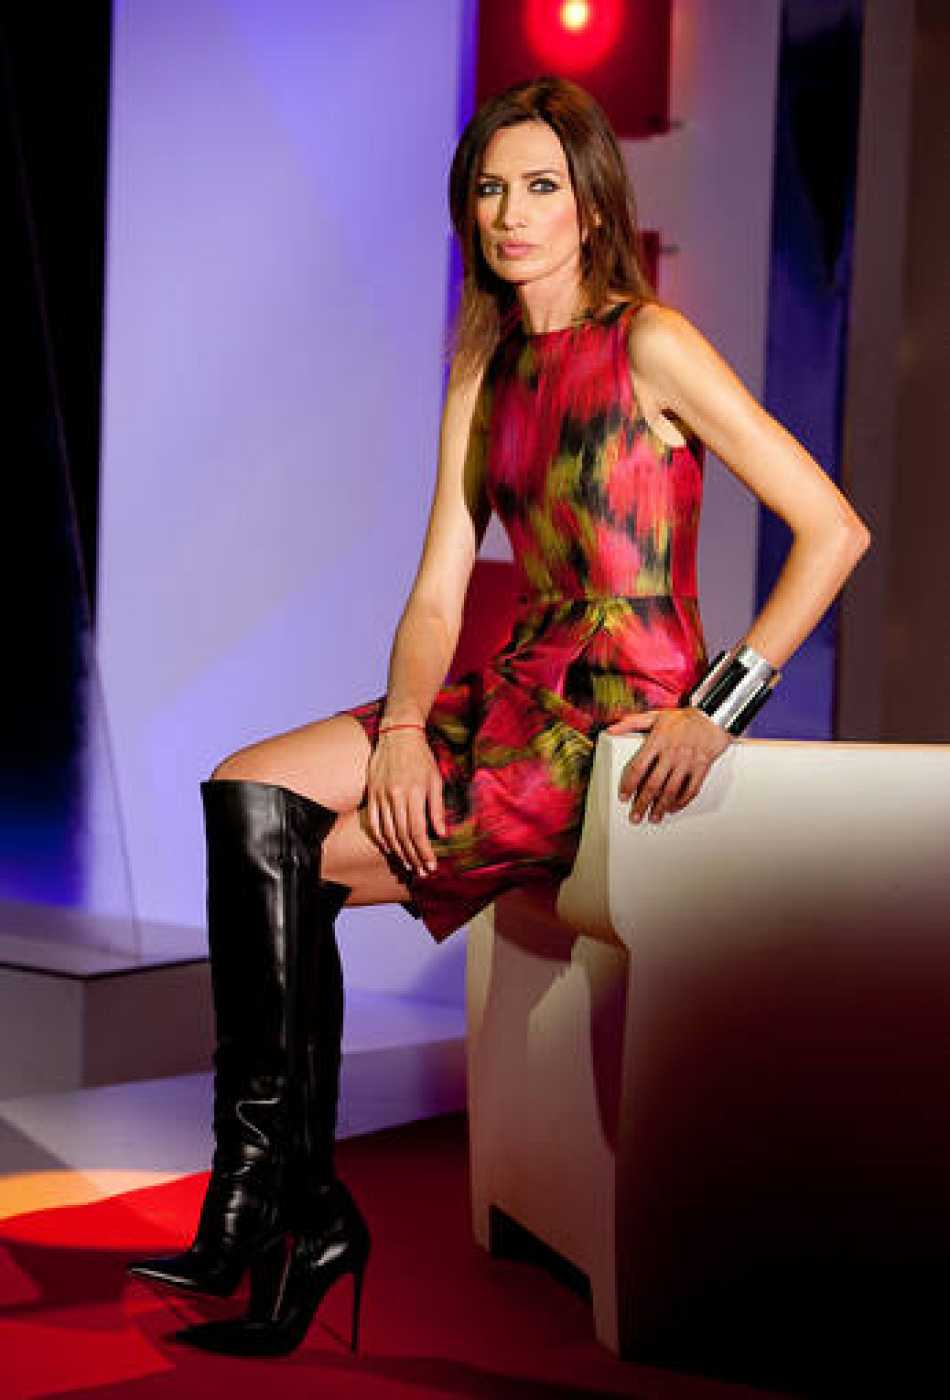 La modelo Nieves Álvarez es la conductora del programa